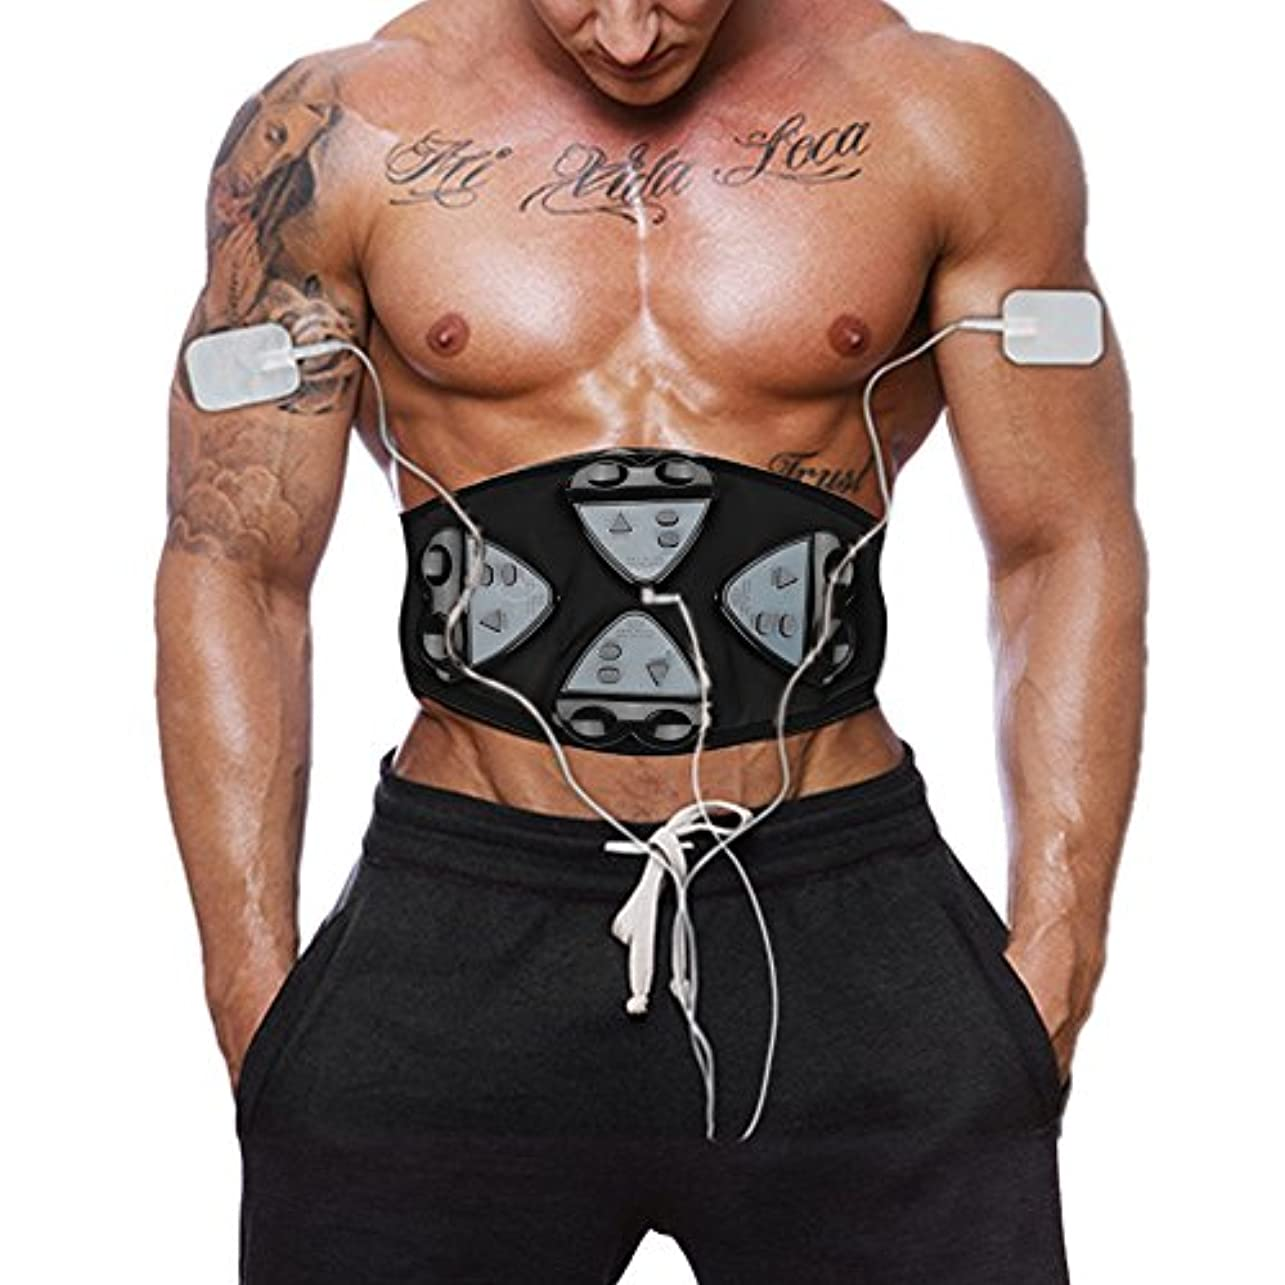 聖書主人火山学腹筋ベルトEMS腹筋刺激筋力トレーニング筋力トレーニング腹部トレーニング4コントローラベルト